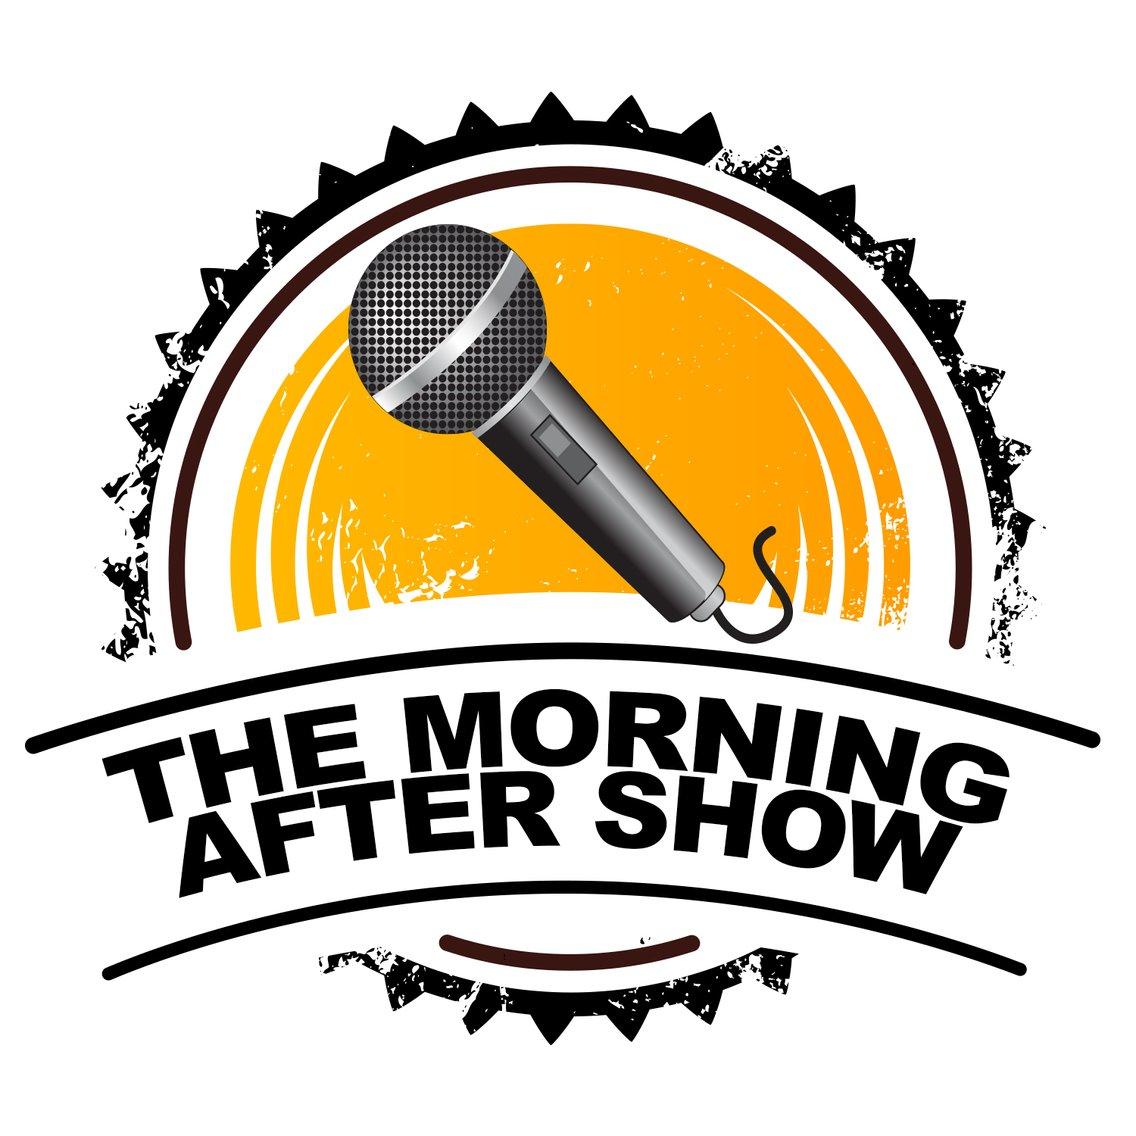 The Morning After Show LA - imagen de portada